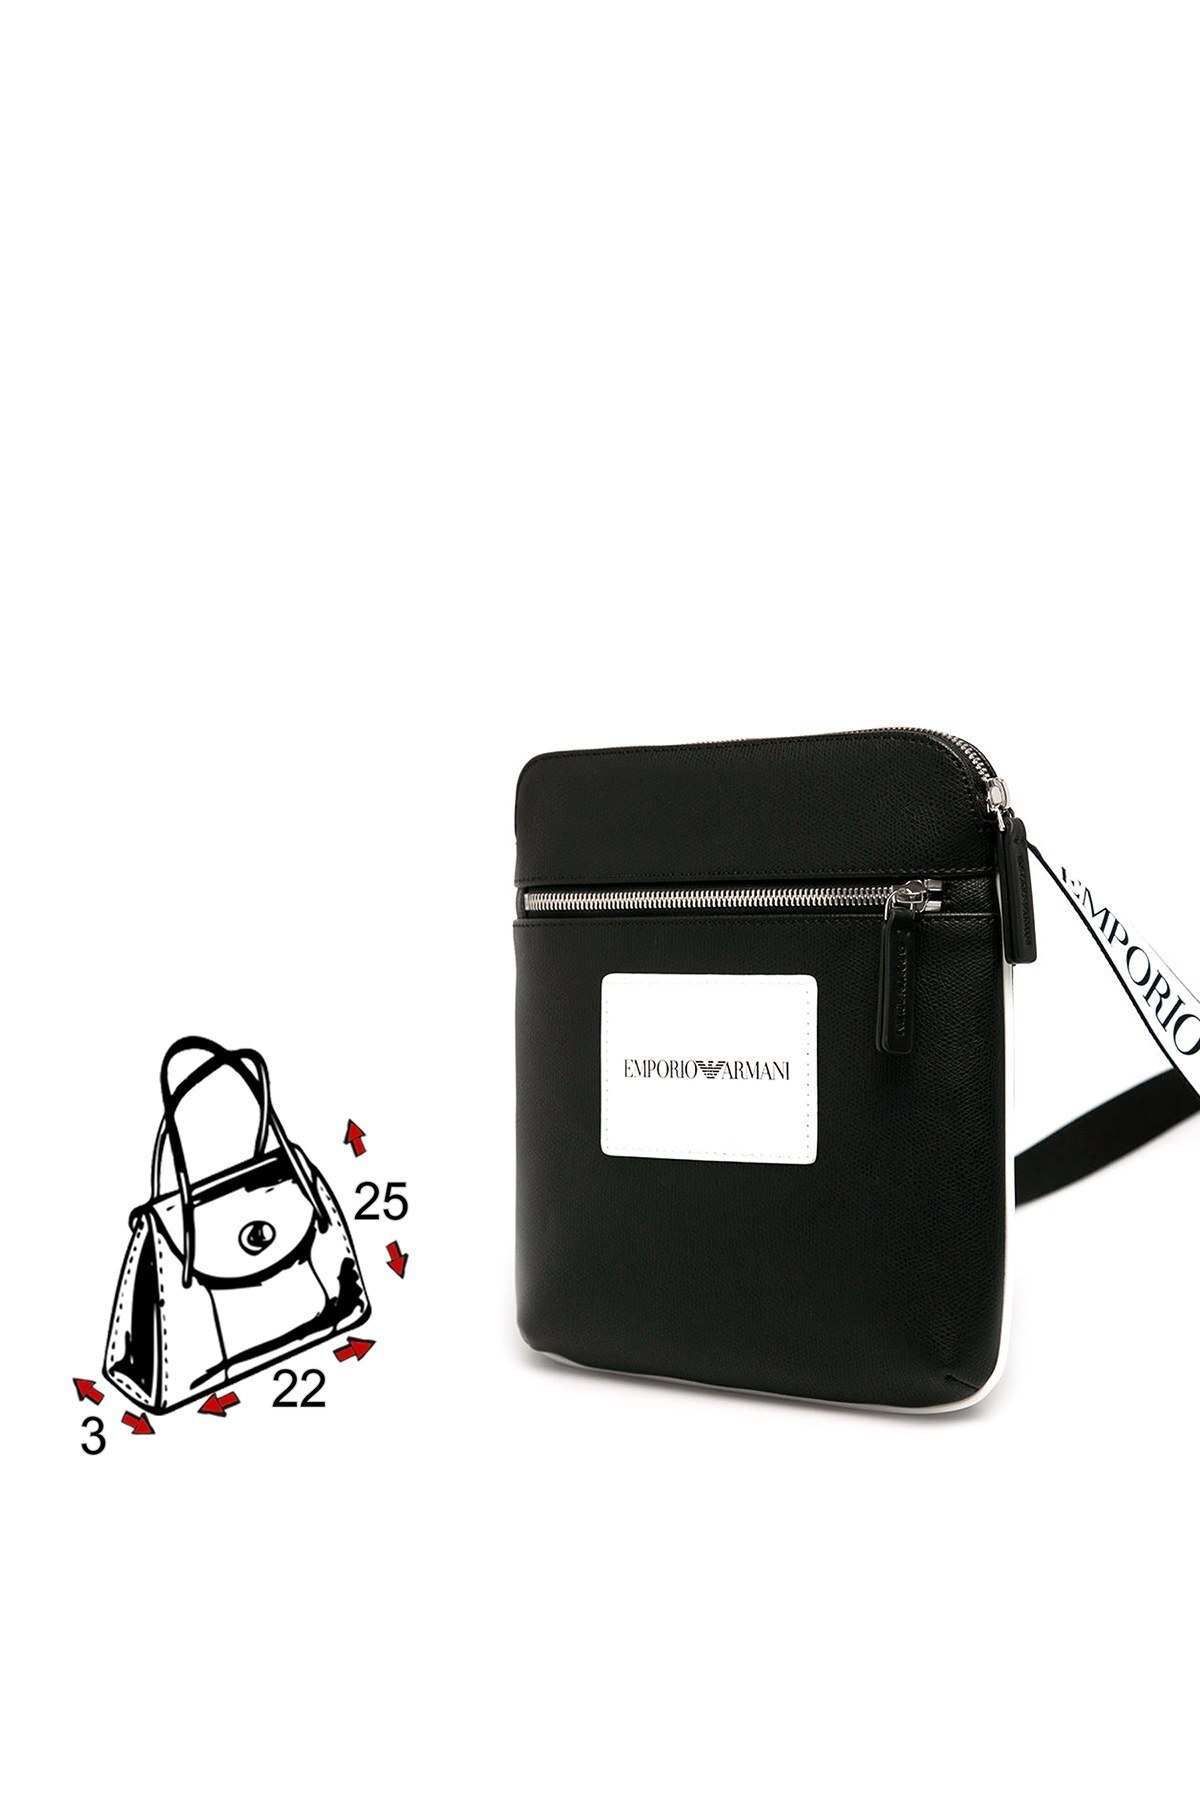 Emporio Armani Logo Baskılı Ayarlanabilir Askılı Erkek Çanta Y4M185 YFM4J 83896 SİYAH